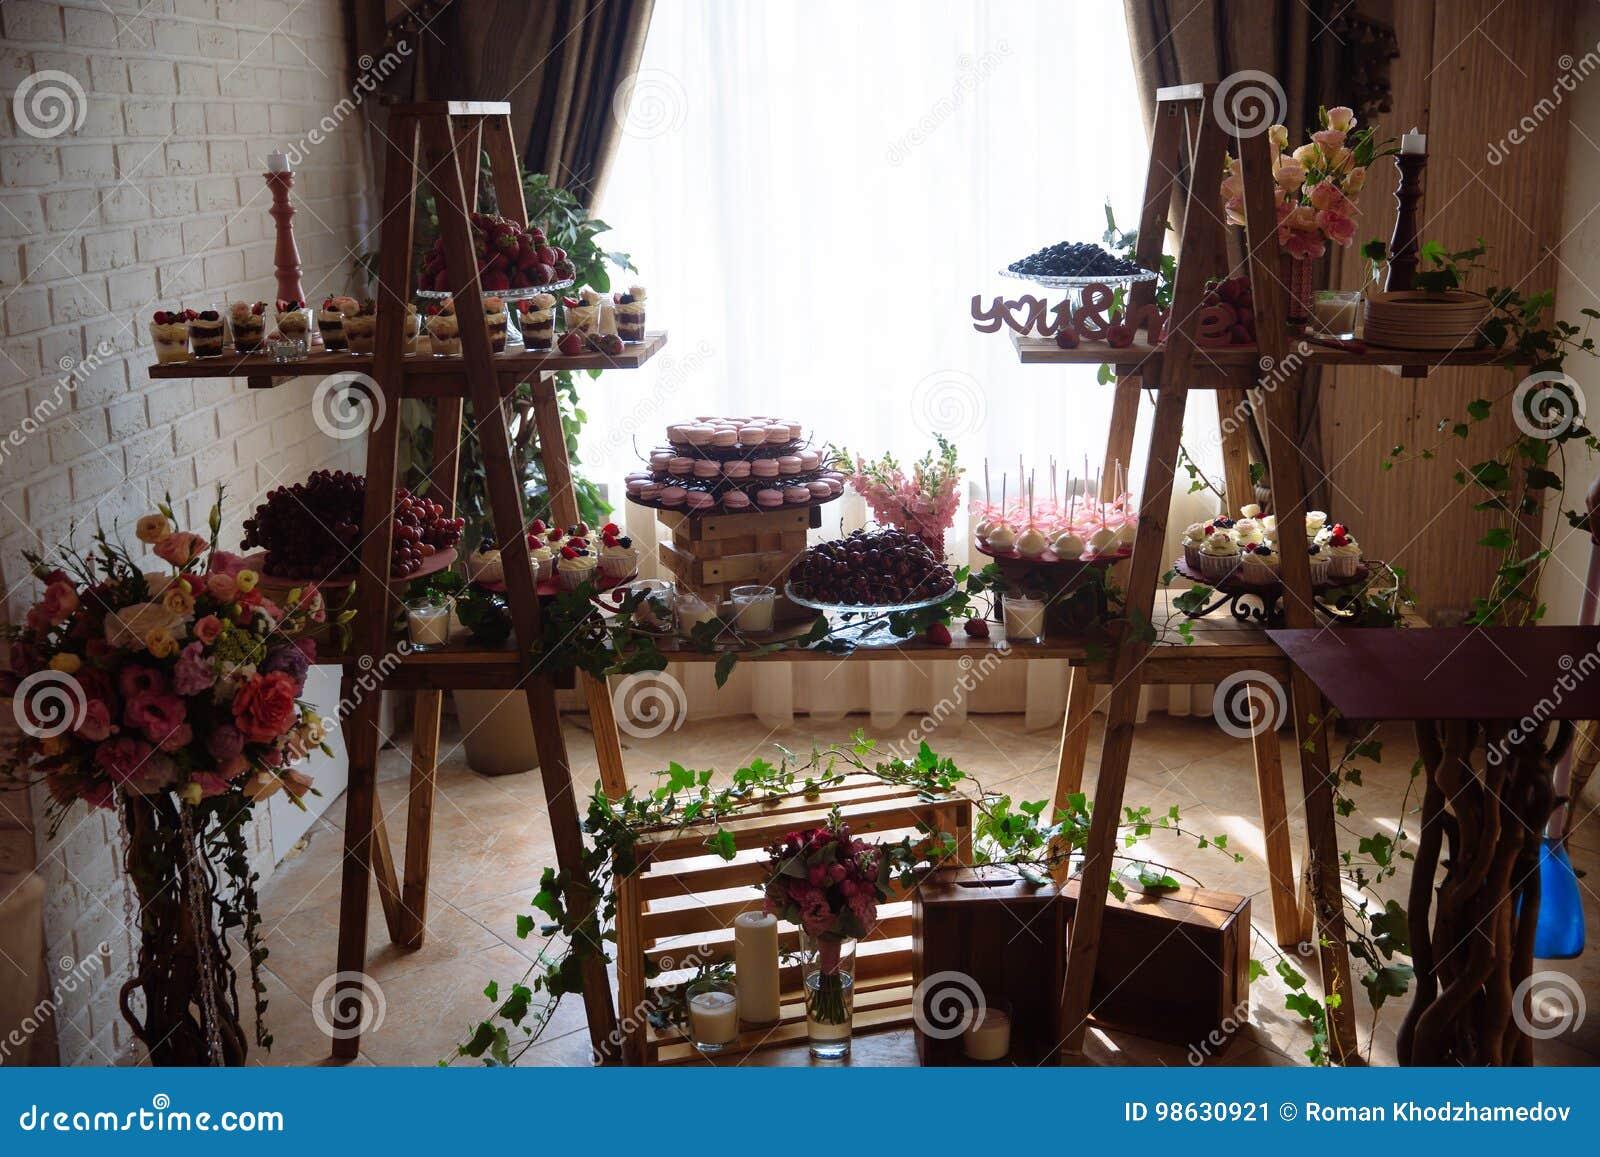 Schokoriegel Tabelle mit Bonbons, Buffet mit kleinen Kuchen, Süßigkeiten, Nachtisch